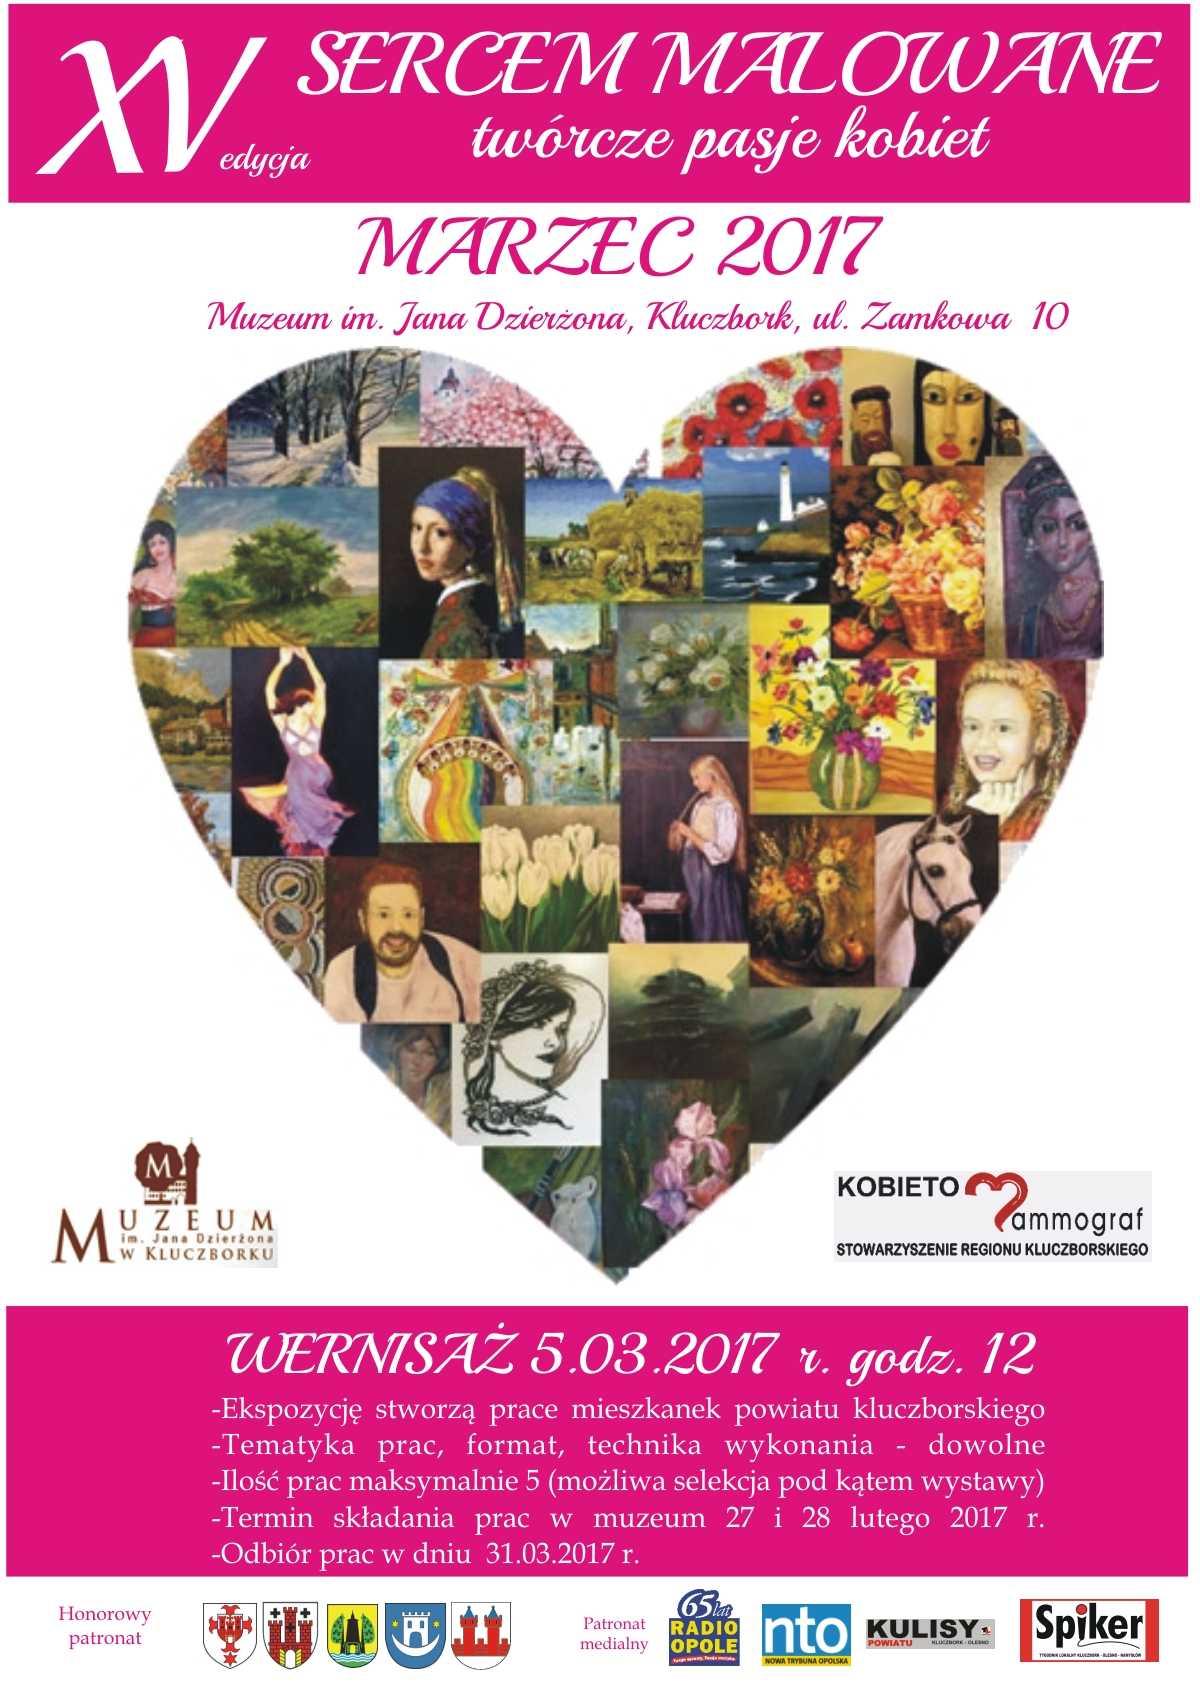 'Sercem malowane - twórcze pasje kobiet' - wystawa w Kluczborku